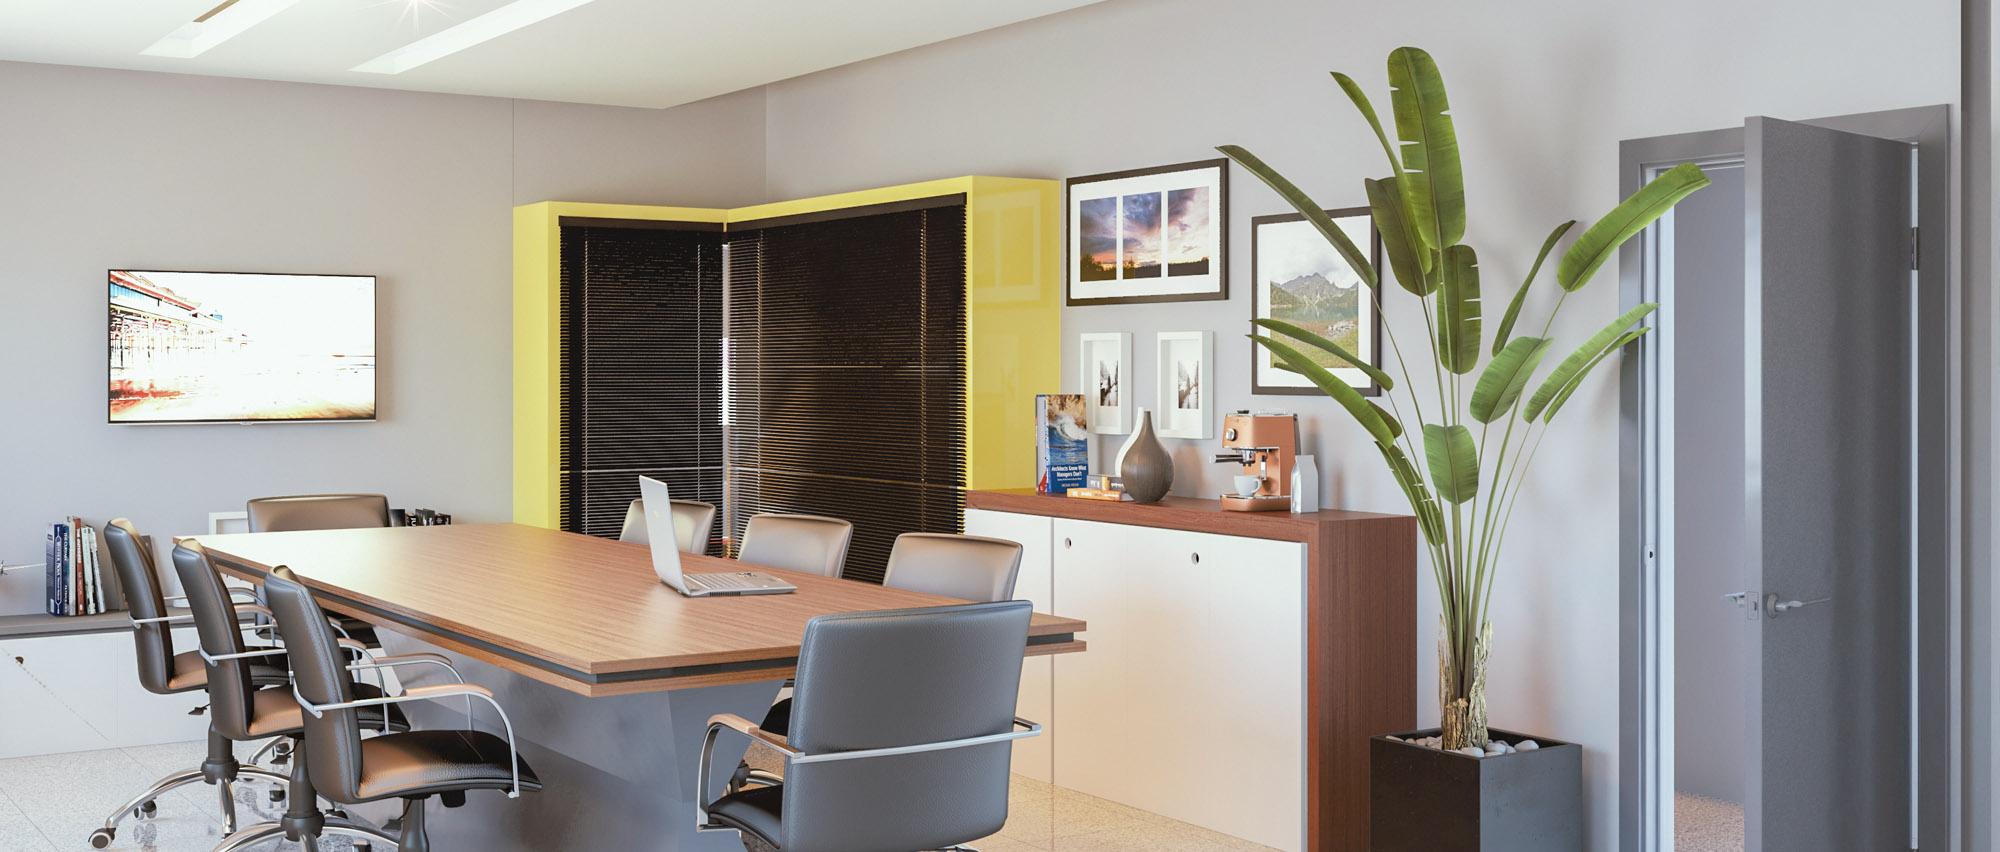 arquitetura-projeto-3d-projeto-casa-sala-reuniao-decoracao-interiores_apresentacao